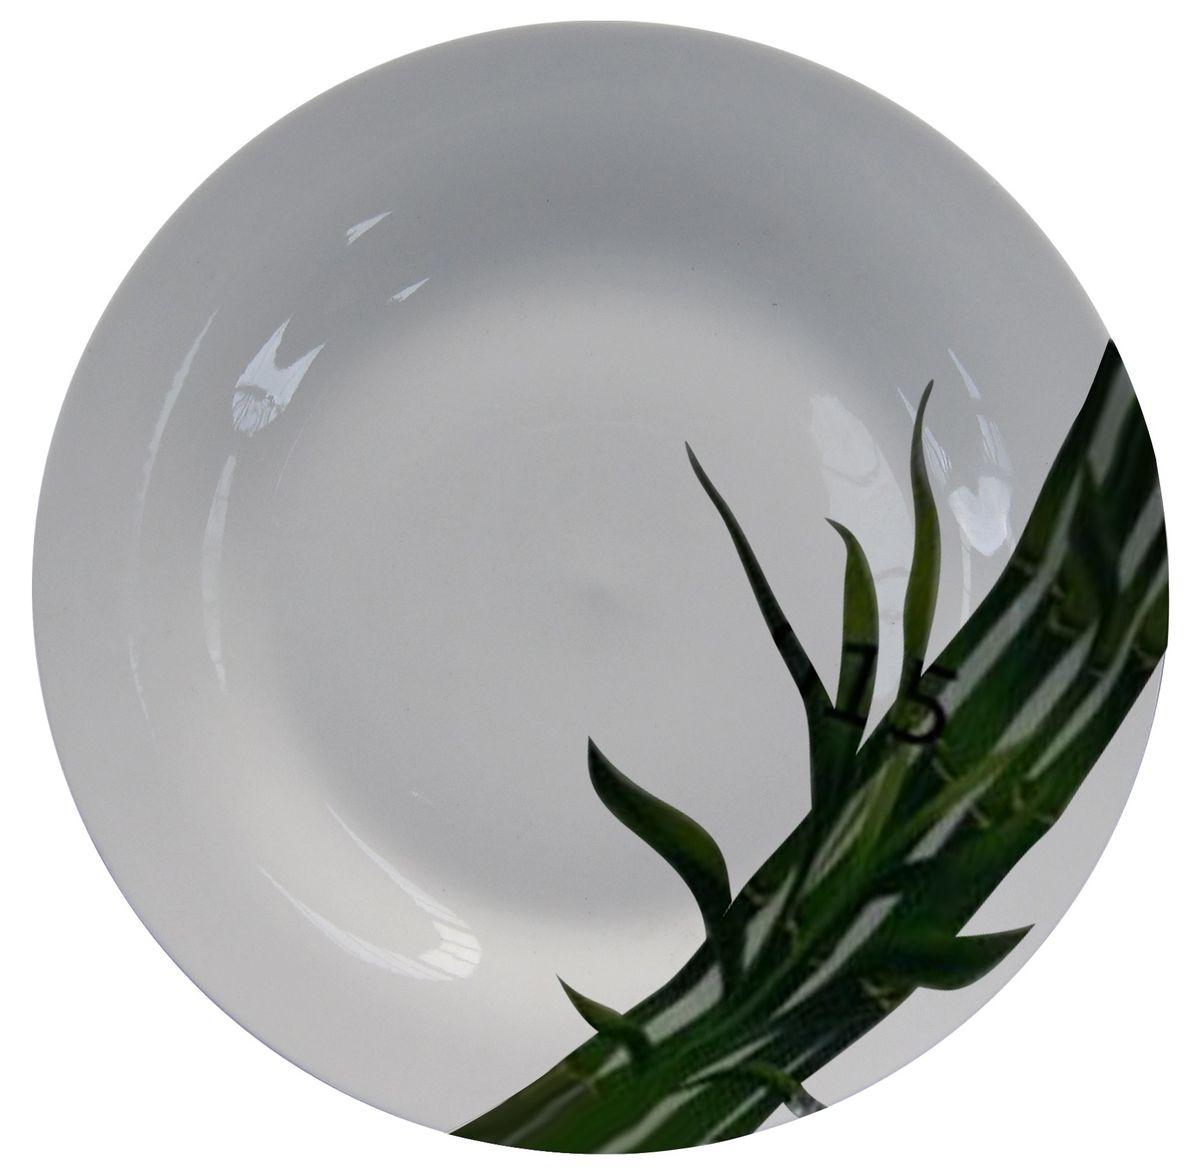 Тарелка МФК-профит Бамбук, диаметр 18 см115010Тарелка МФК-профит, изготовленная из стеклокерамики, украшена ярким рисунком. Изящный дизайн придется по вкусу и ценителям классики, и тем, кто предпочитает утонченность.Такая тарелка идеально подойдет для сервировки стола и станет отличным подарком к любому празднику.